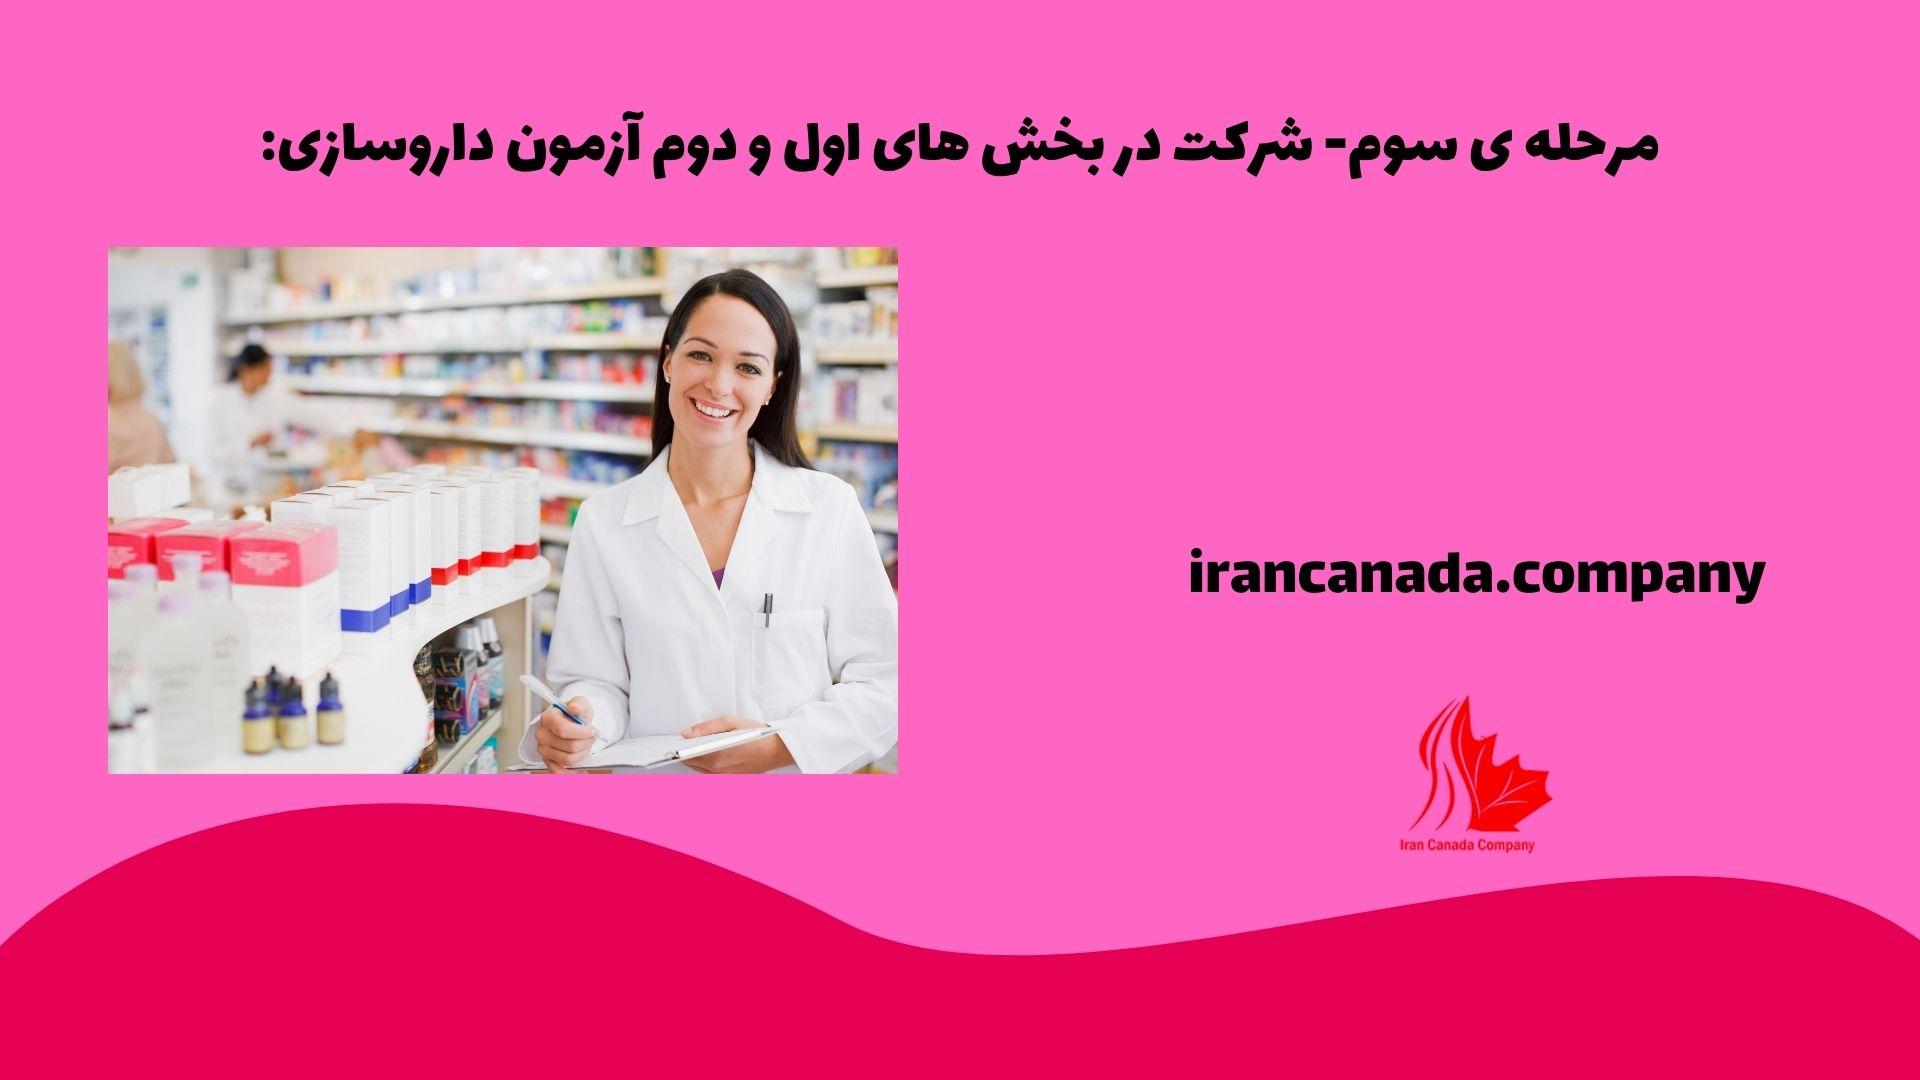 مرحله ی سوم: شرکت در بخش های اول و دوم آزمون داروسازی